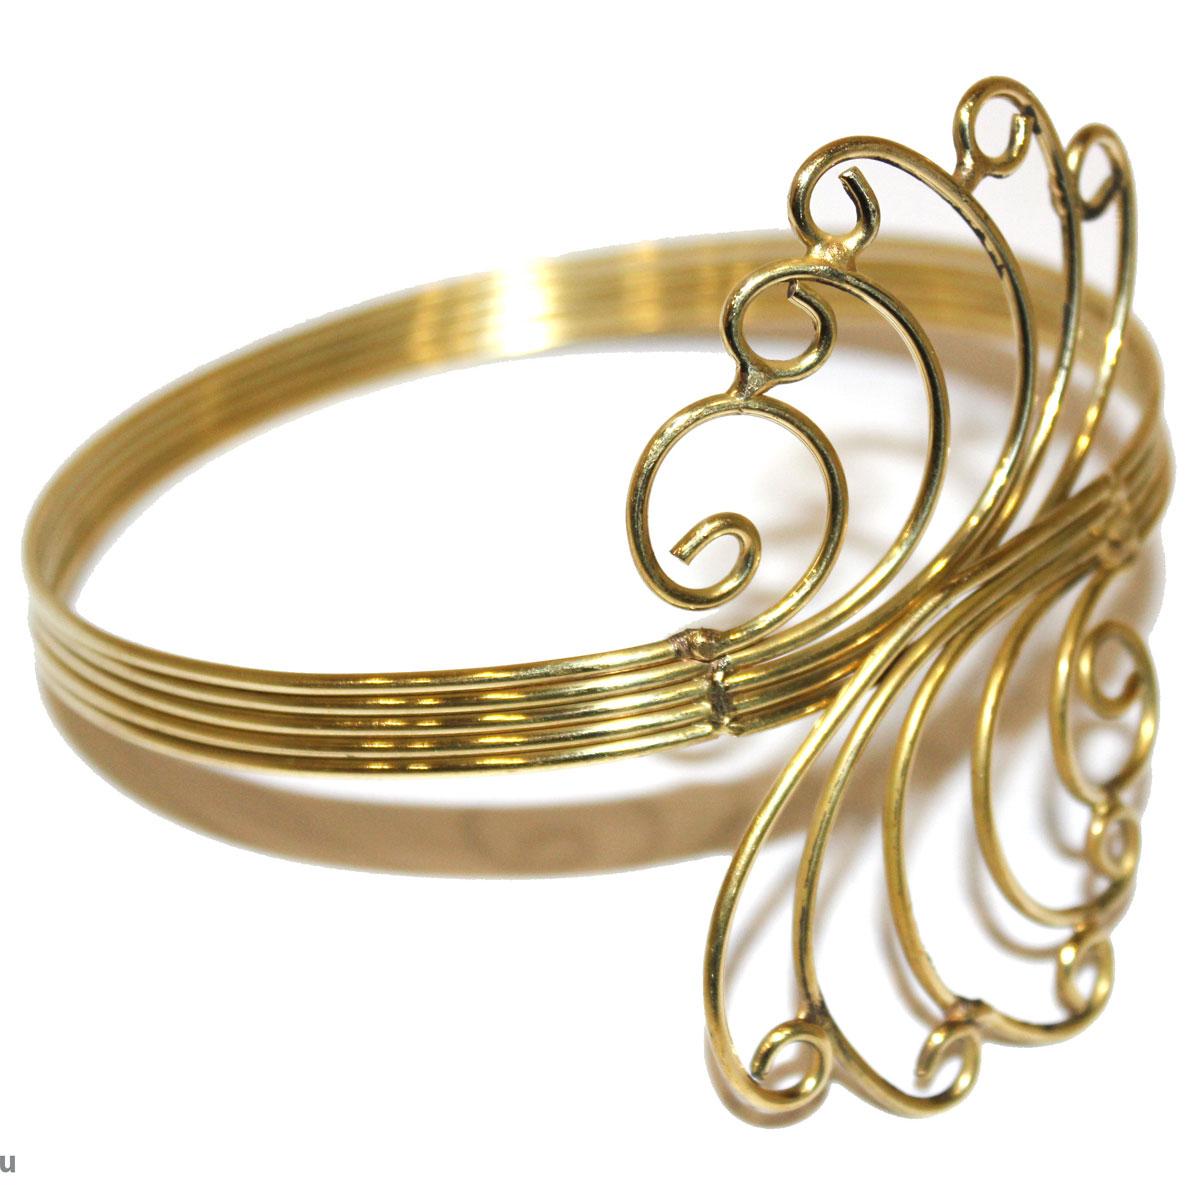 Браслет Ethnica, цвет: золотой. 244075244075Изящный браслет на плечо Ethnica - стильный аксессуар, который позволит вам с легкостью воплотить самую смелую фантазию и создать собственный, неповторимый образ. Изделие, изготовленное из гипоаллергенного материала, выполнено из металла цвета античного золота и оформлено витыми декоративными элементами. Размер браслета регулируется. Такой оригинальный браслет не оставит равнодушной ни одну любительницу изысканных и необычных украшений.